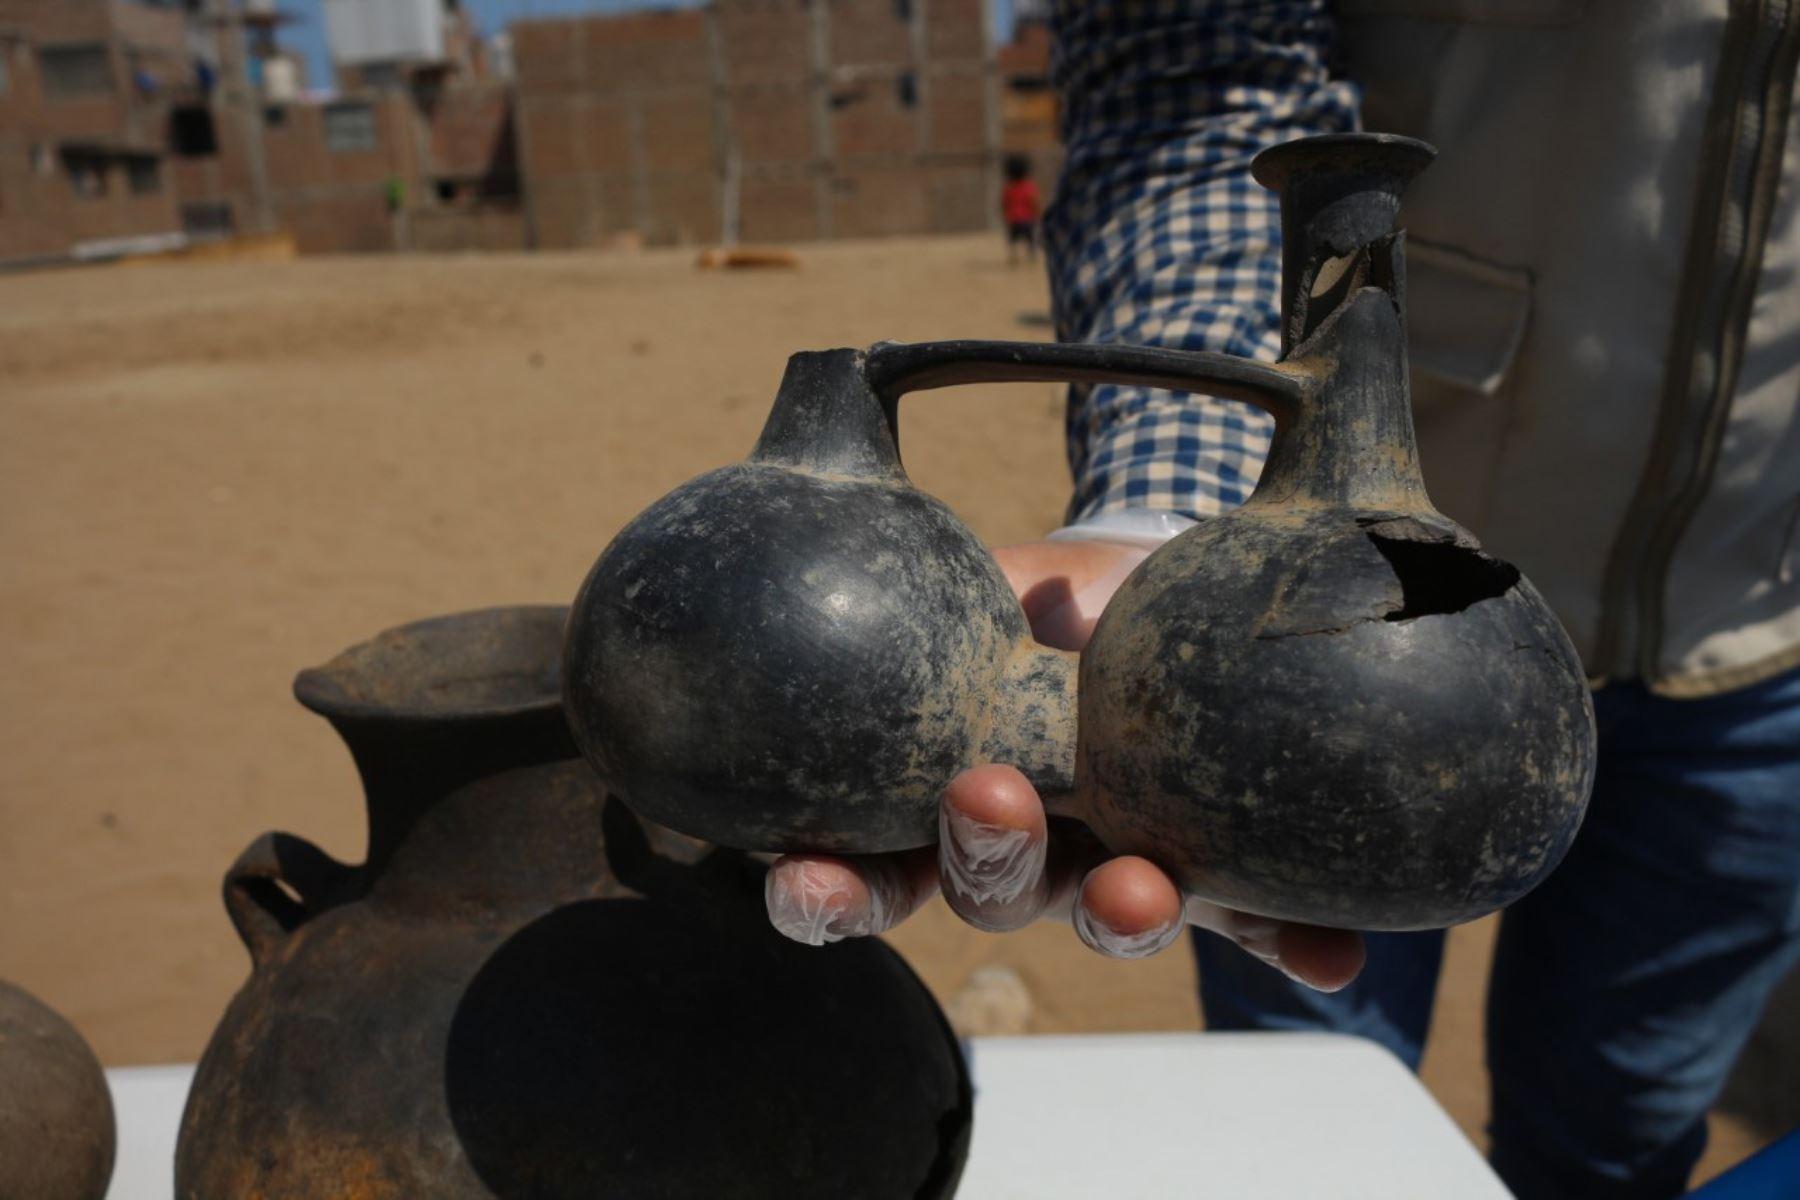 Descubren vestigios arqueológicos prehispánicos cerca de la Plaza de Armas de Trujillo. Fotos: Luis Puell.